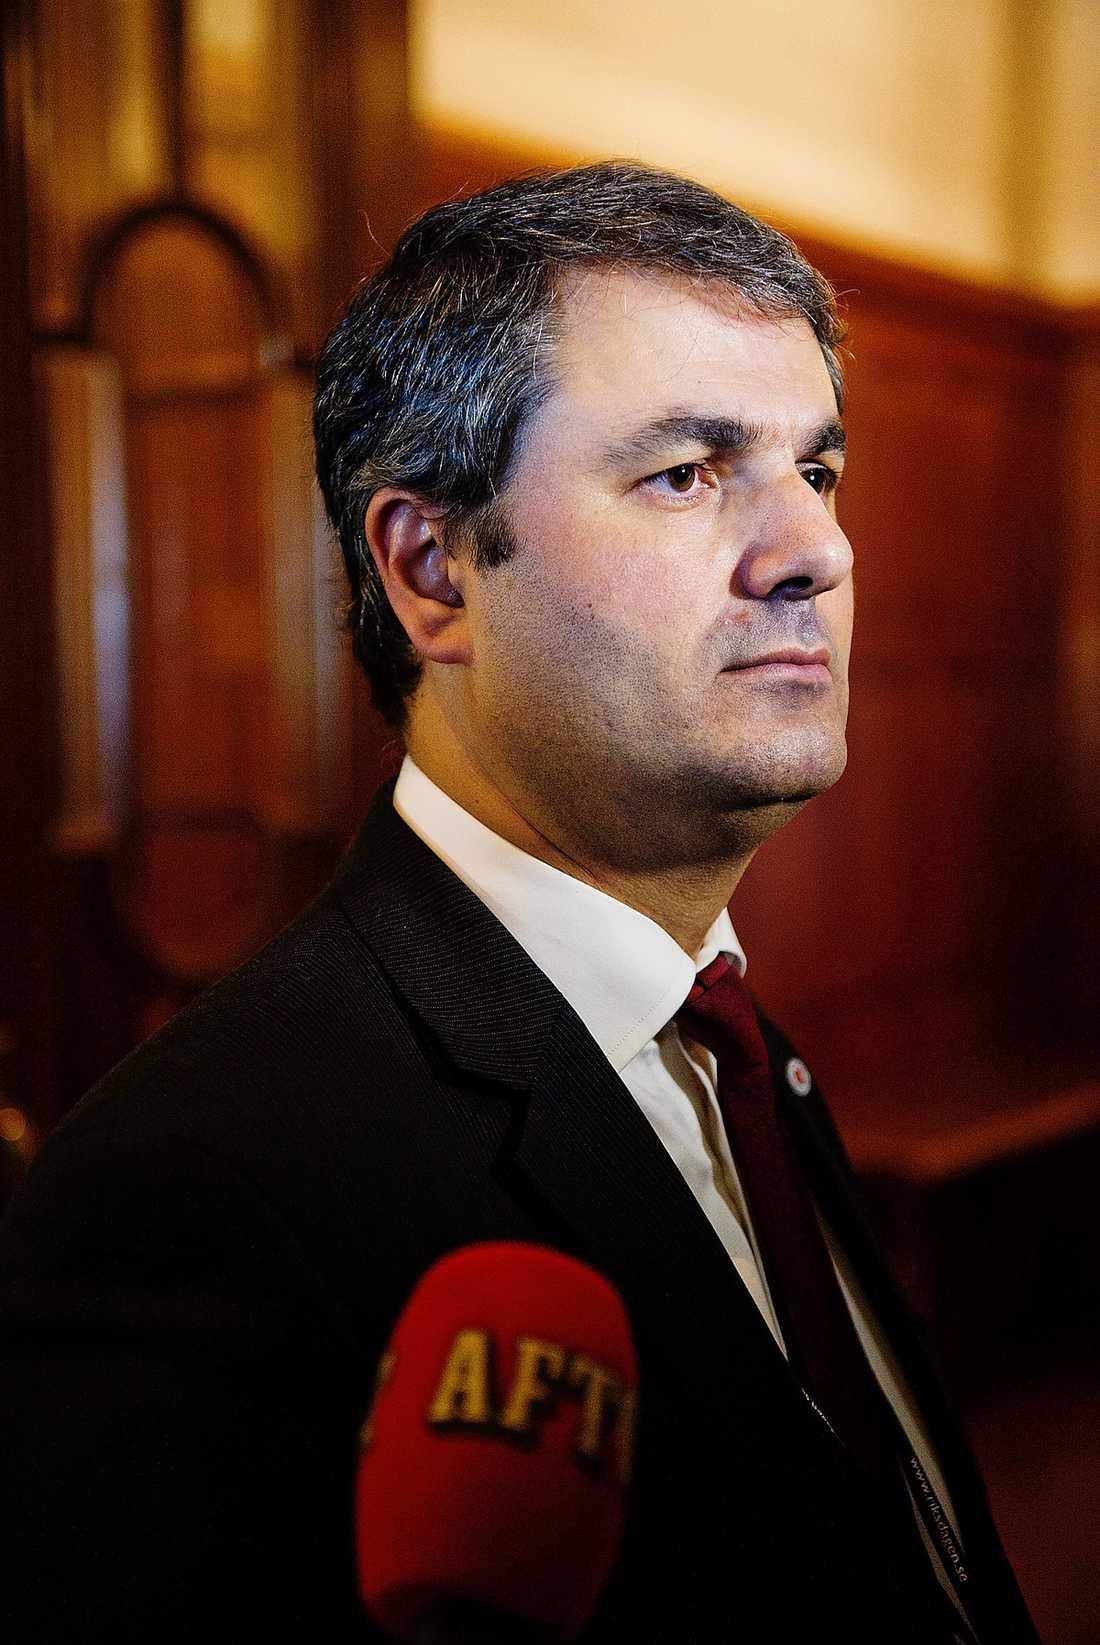 Det är ett allvarligt läge för partiet och jag känner mig ganska sorgsen. Ibrahim Baylan (S), tidigare partisekreterare.